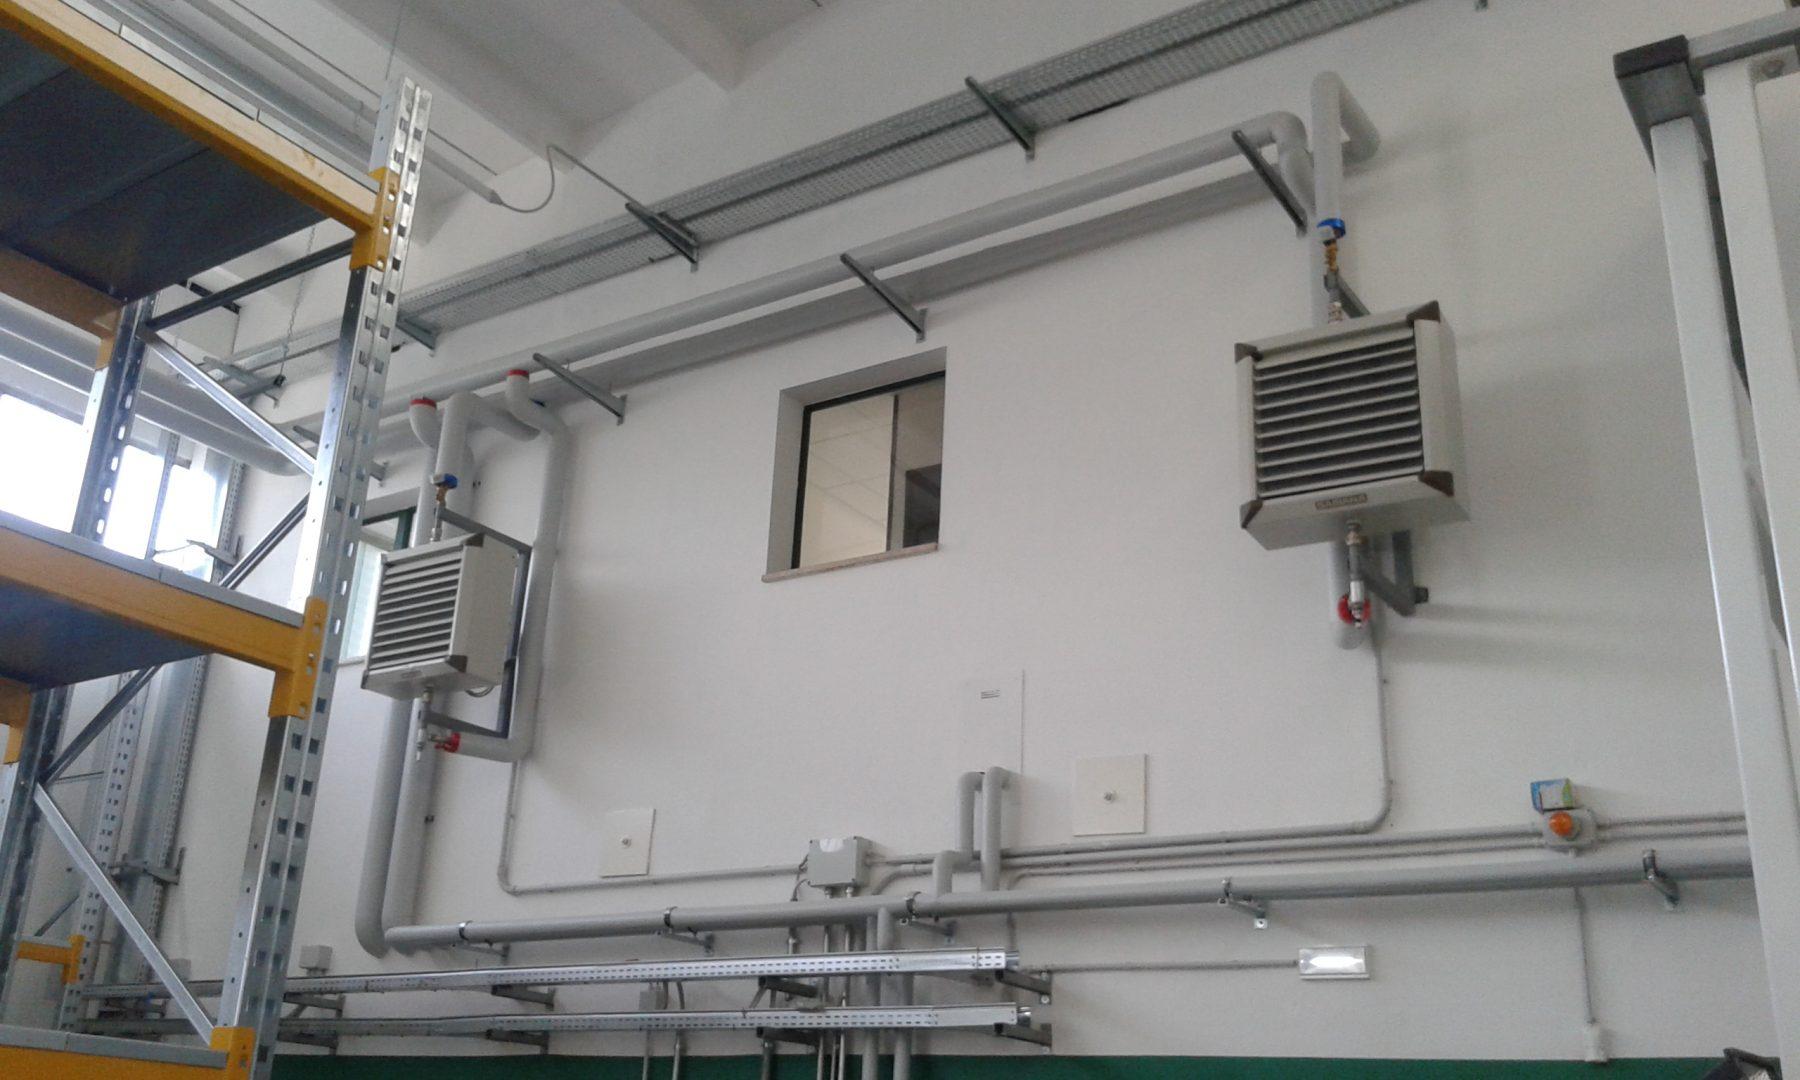 Ristrutturazione dell'impianto termico in capannone artigianale